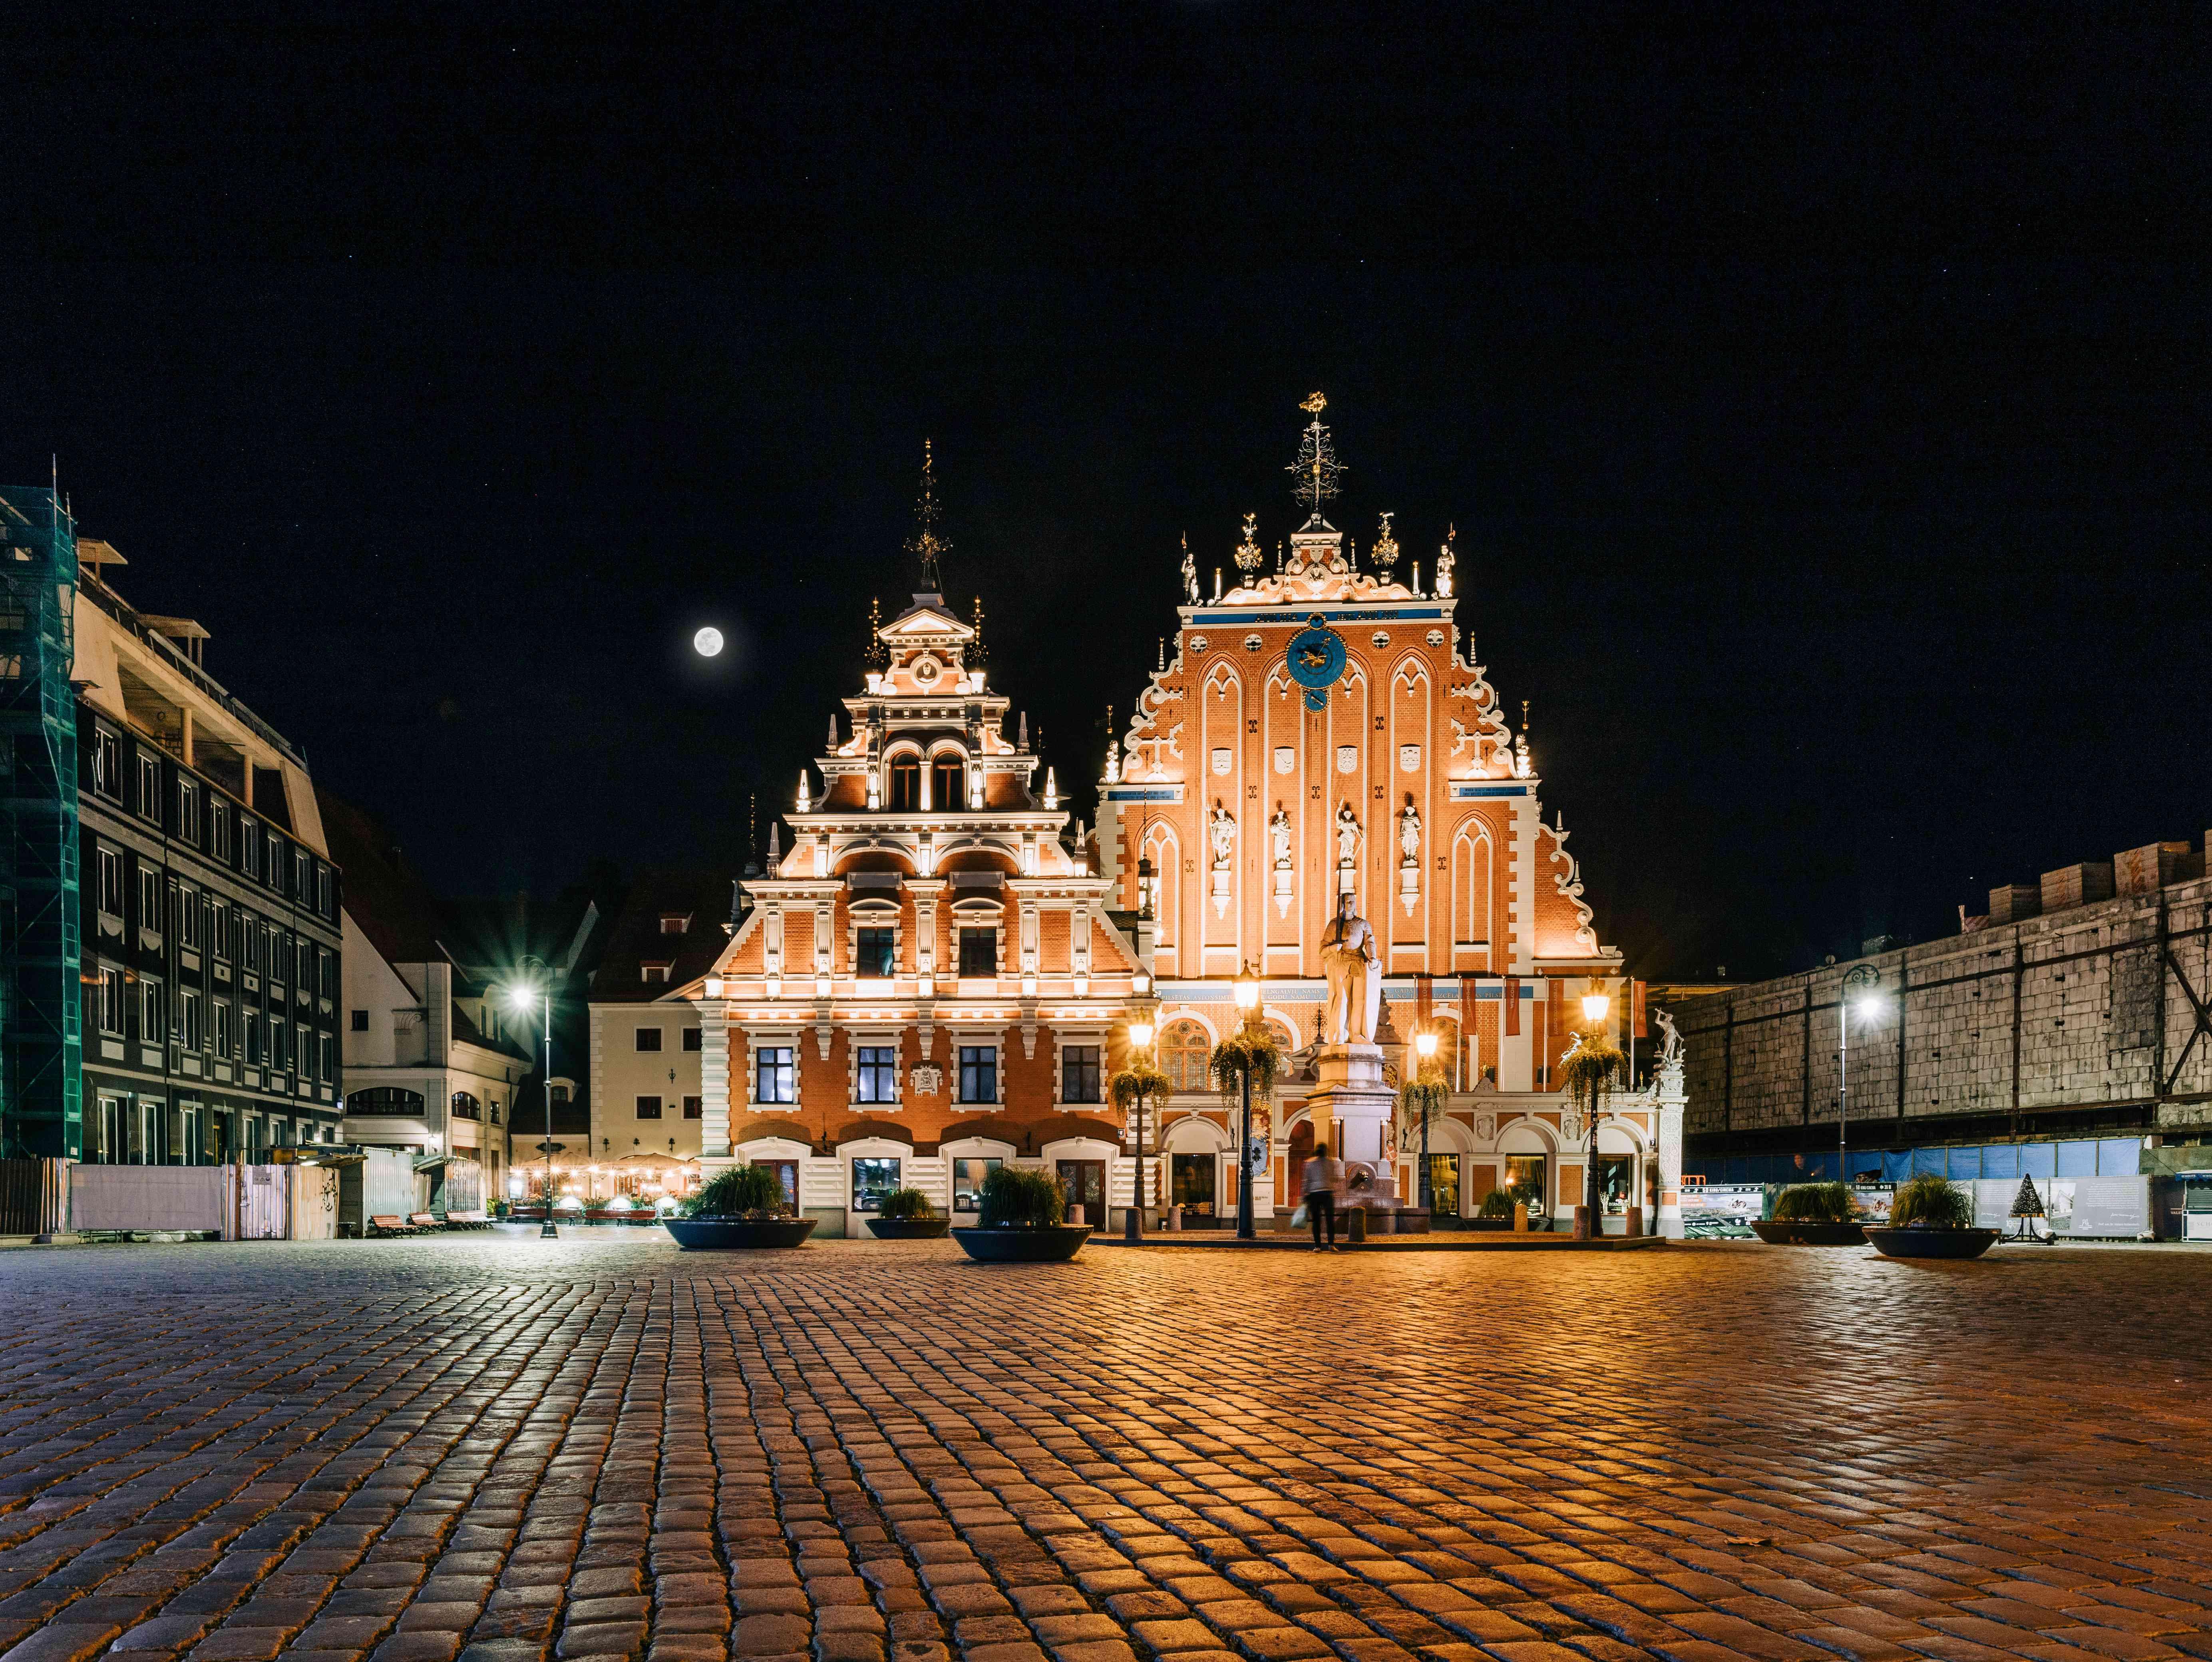 Riga Latvia at night